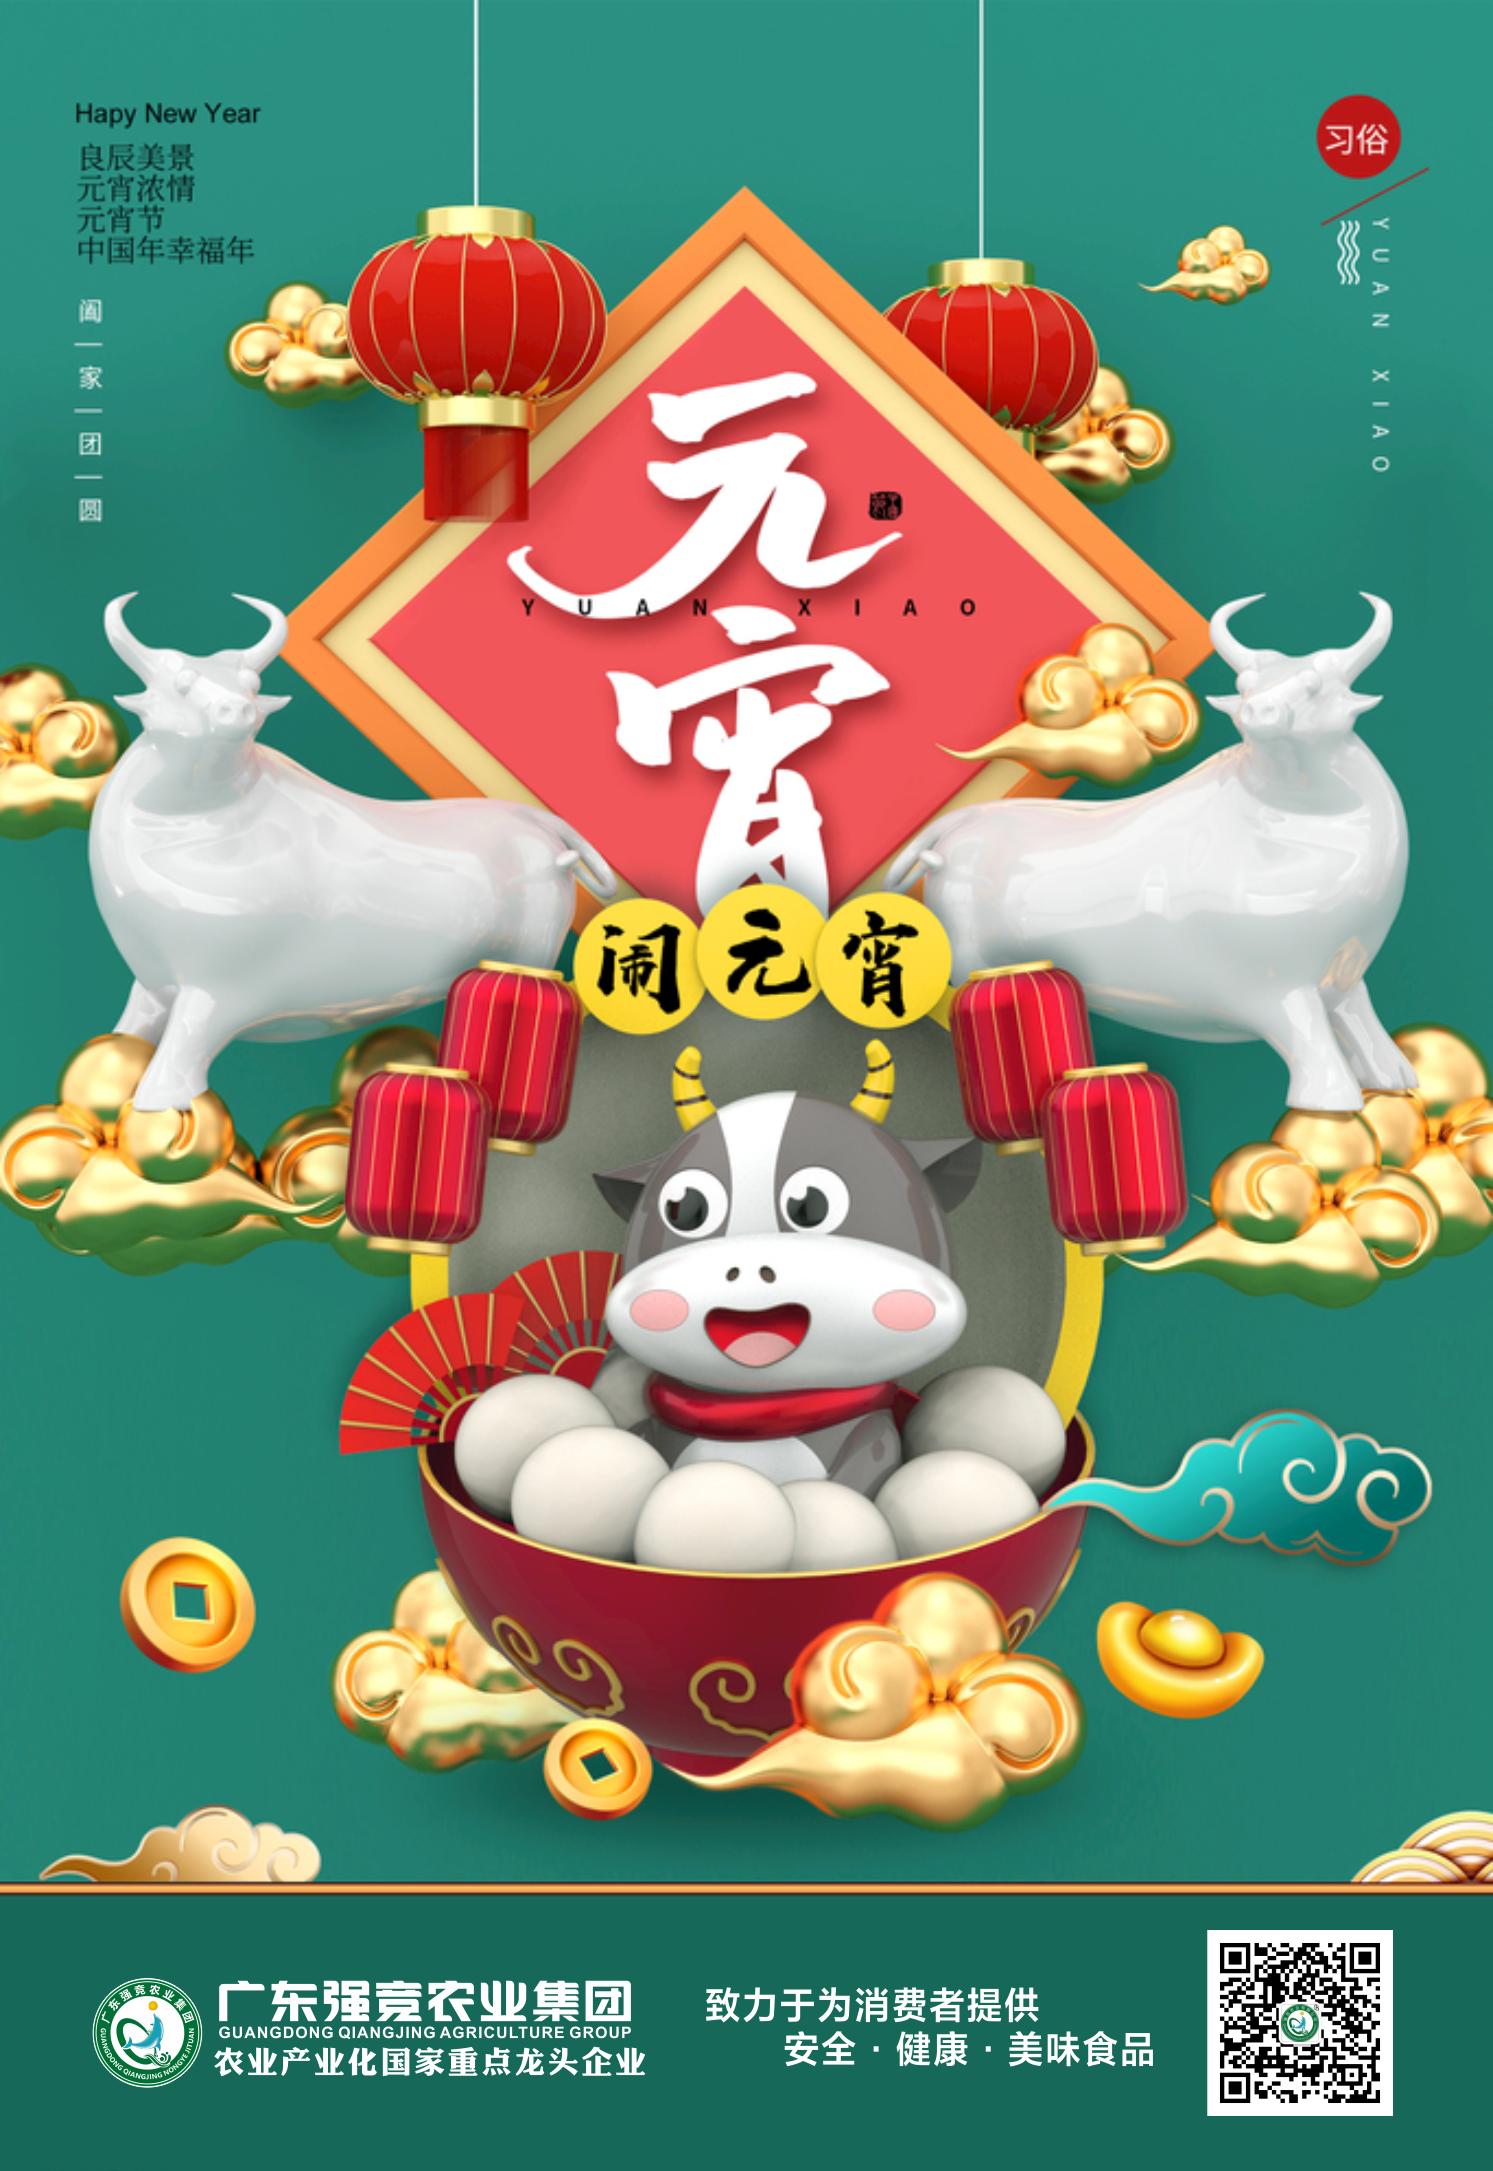 广东强竞农业集团祝您元宵节快乐,共创美好未来!